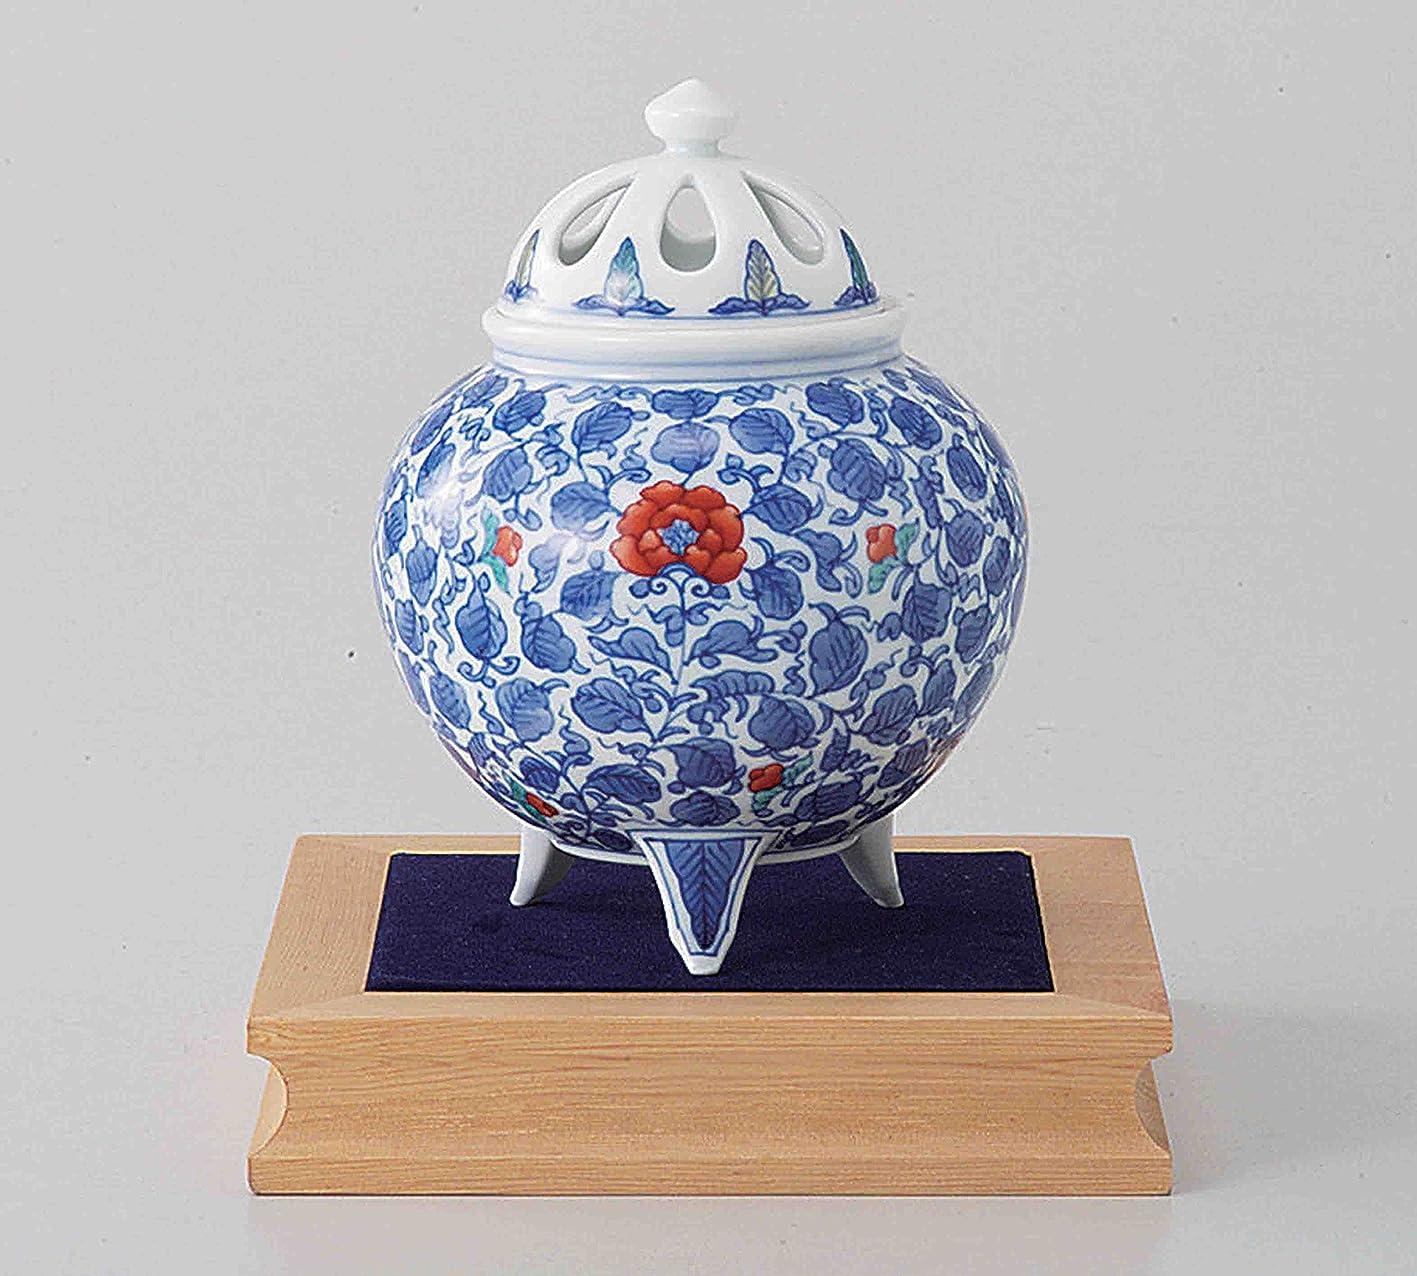 目を覚ます似ている一口東京抹茶Selection?–?[プレミアム] Arita Porcelain Cencer : Arabesque?–?Incense BurnerホルダーWベース&ボックス日本から[ EMSで発送標準: withトラッキング&保険]